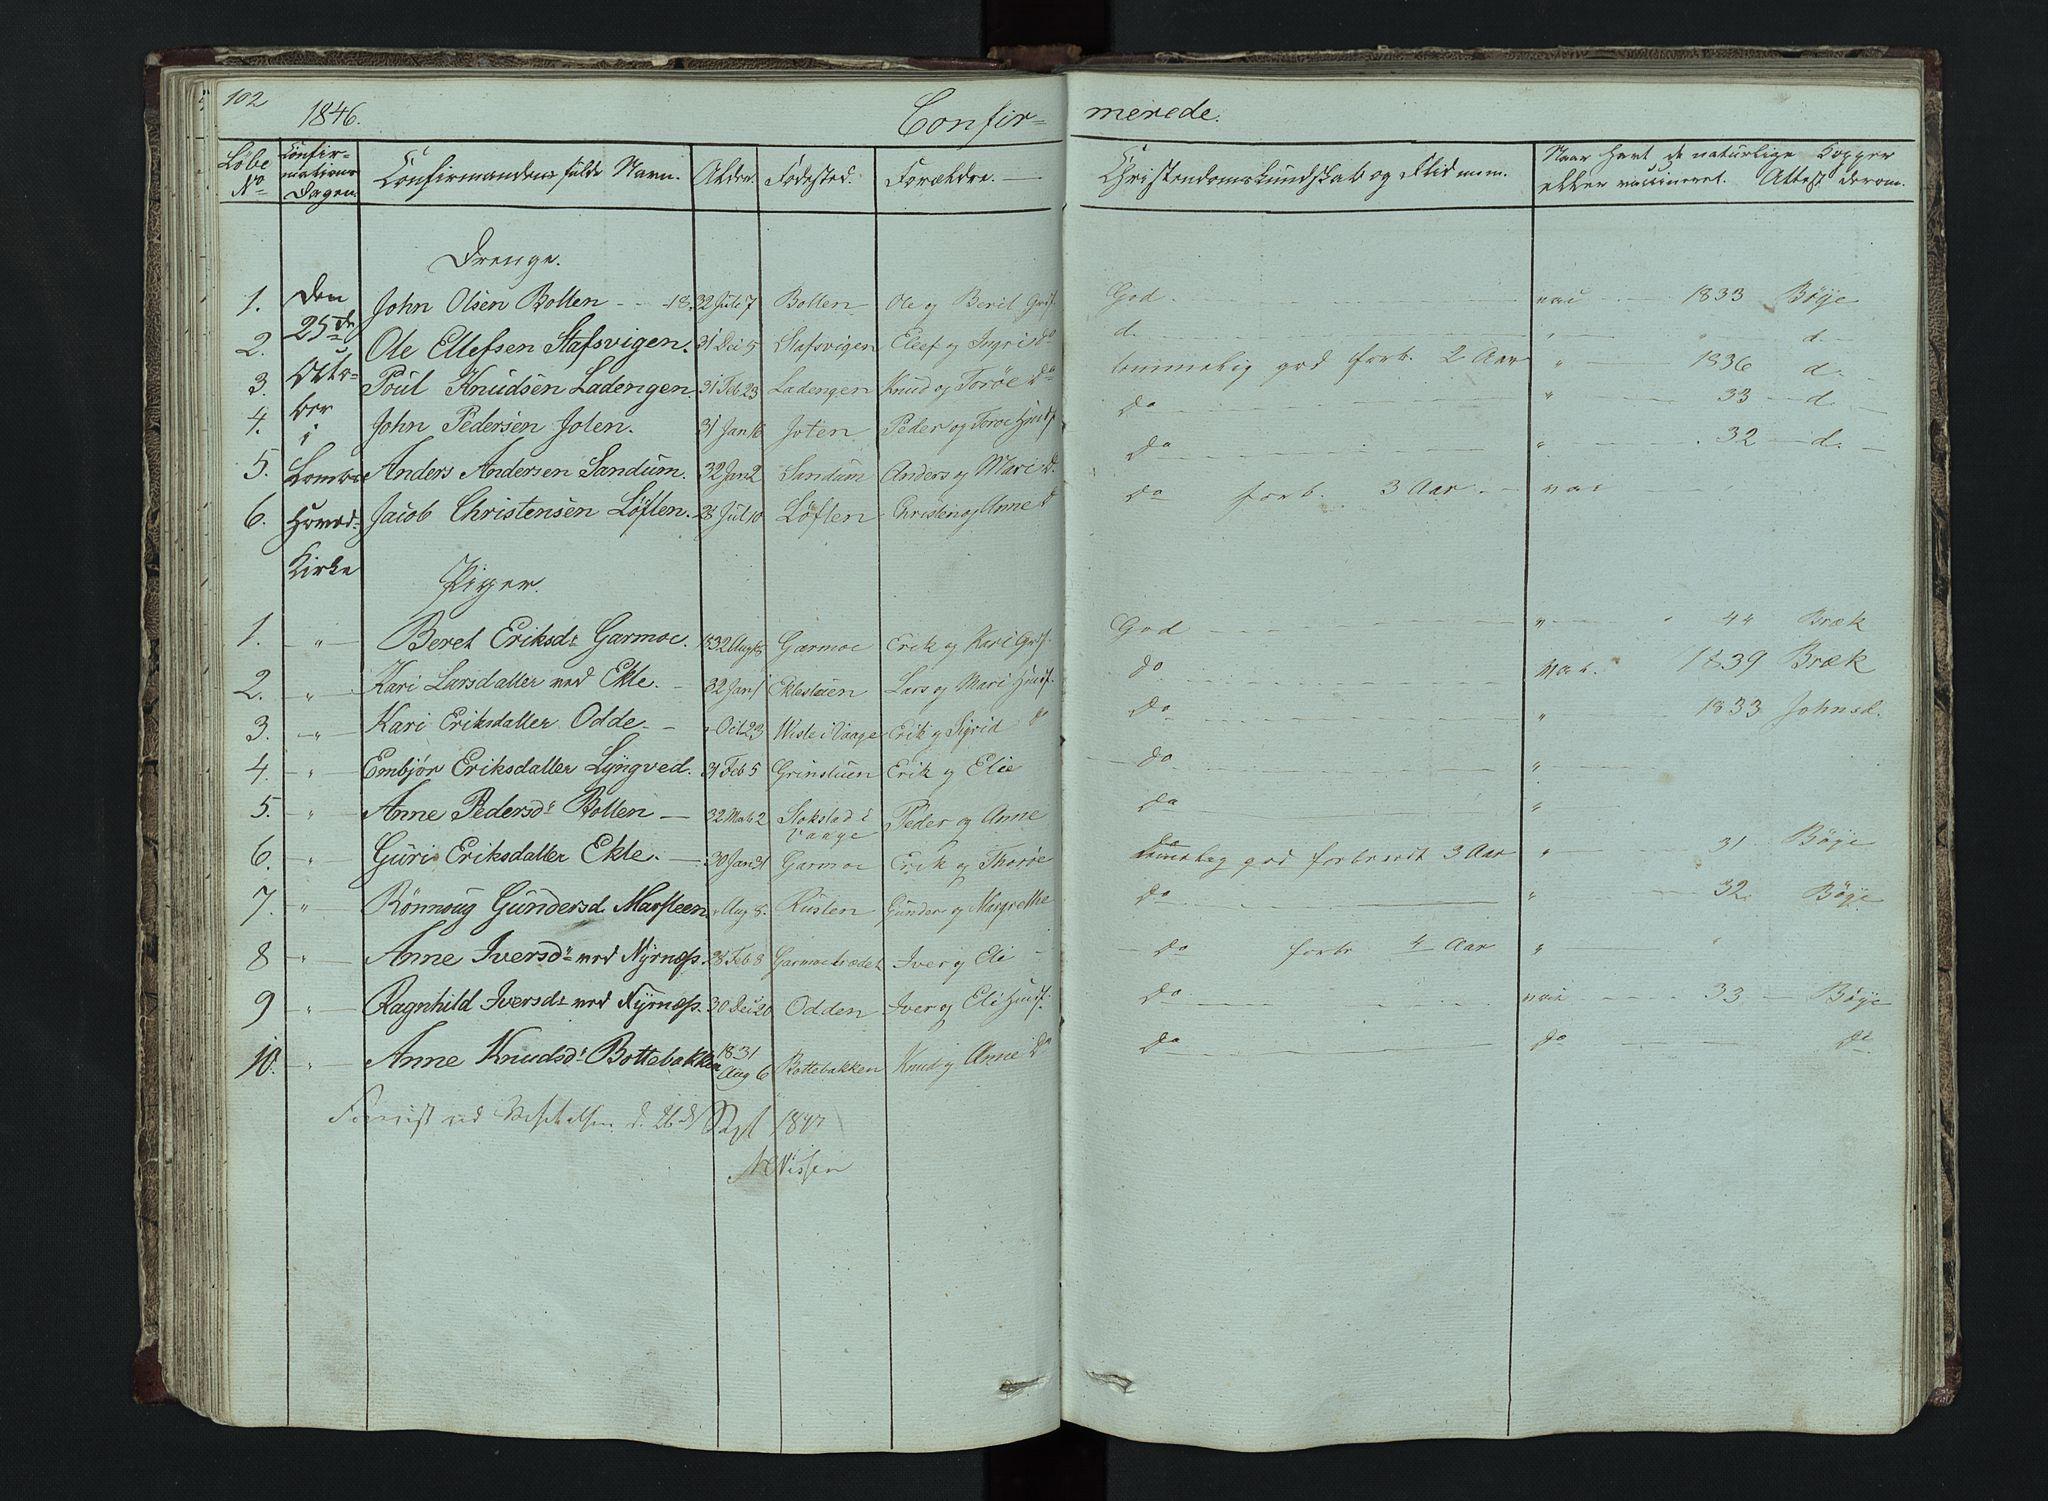 SAH, Lom prestekontor, L/L0014: Klokkerbok nr. 14, 1845-1876, s. 102-103